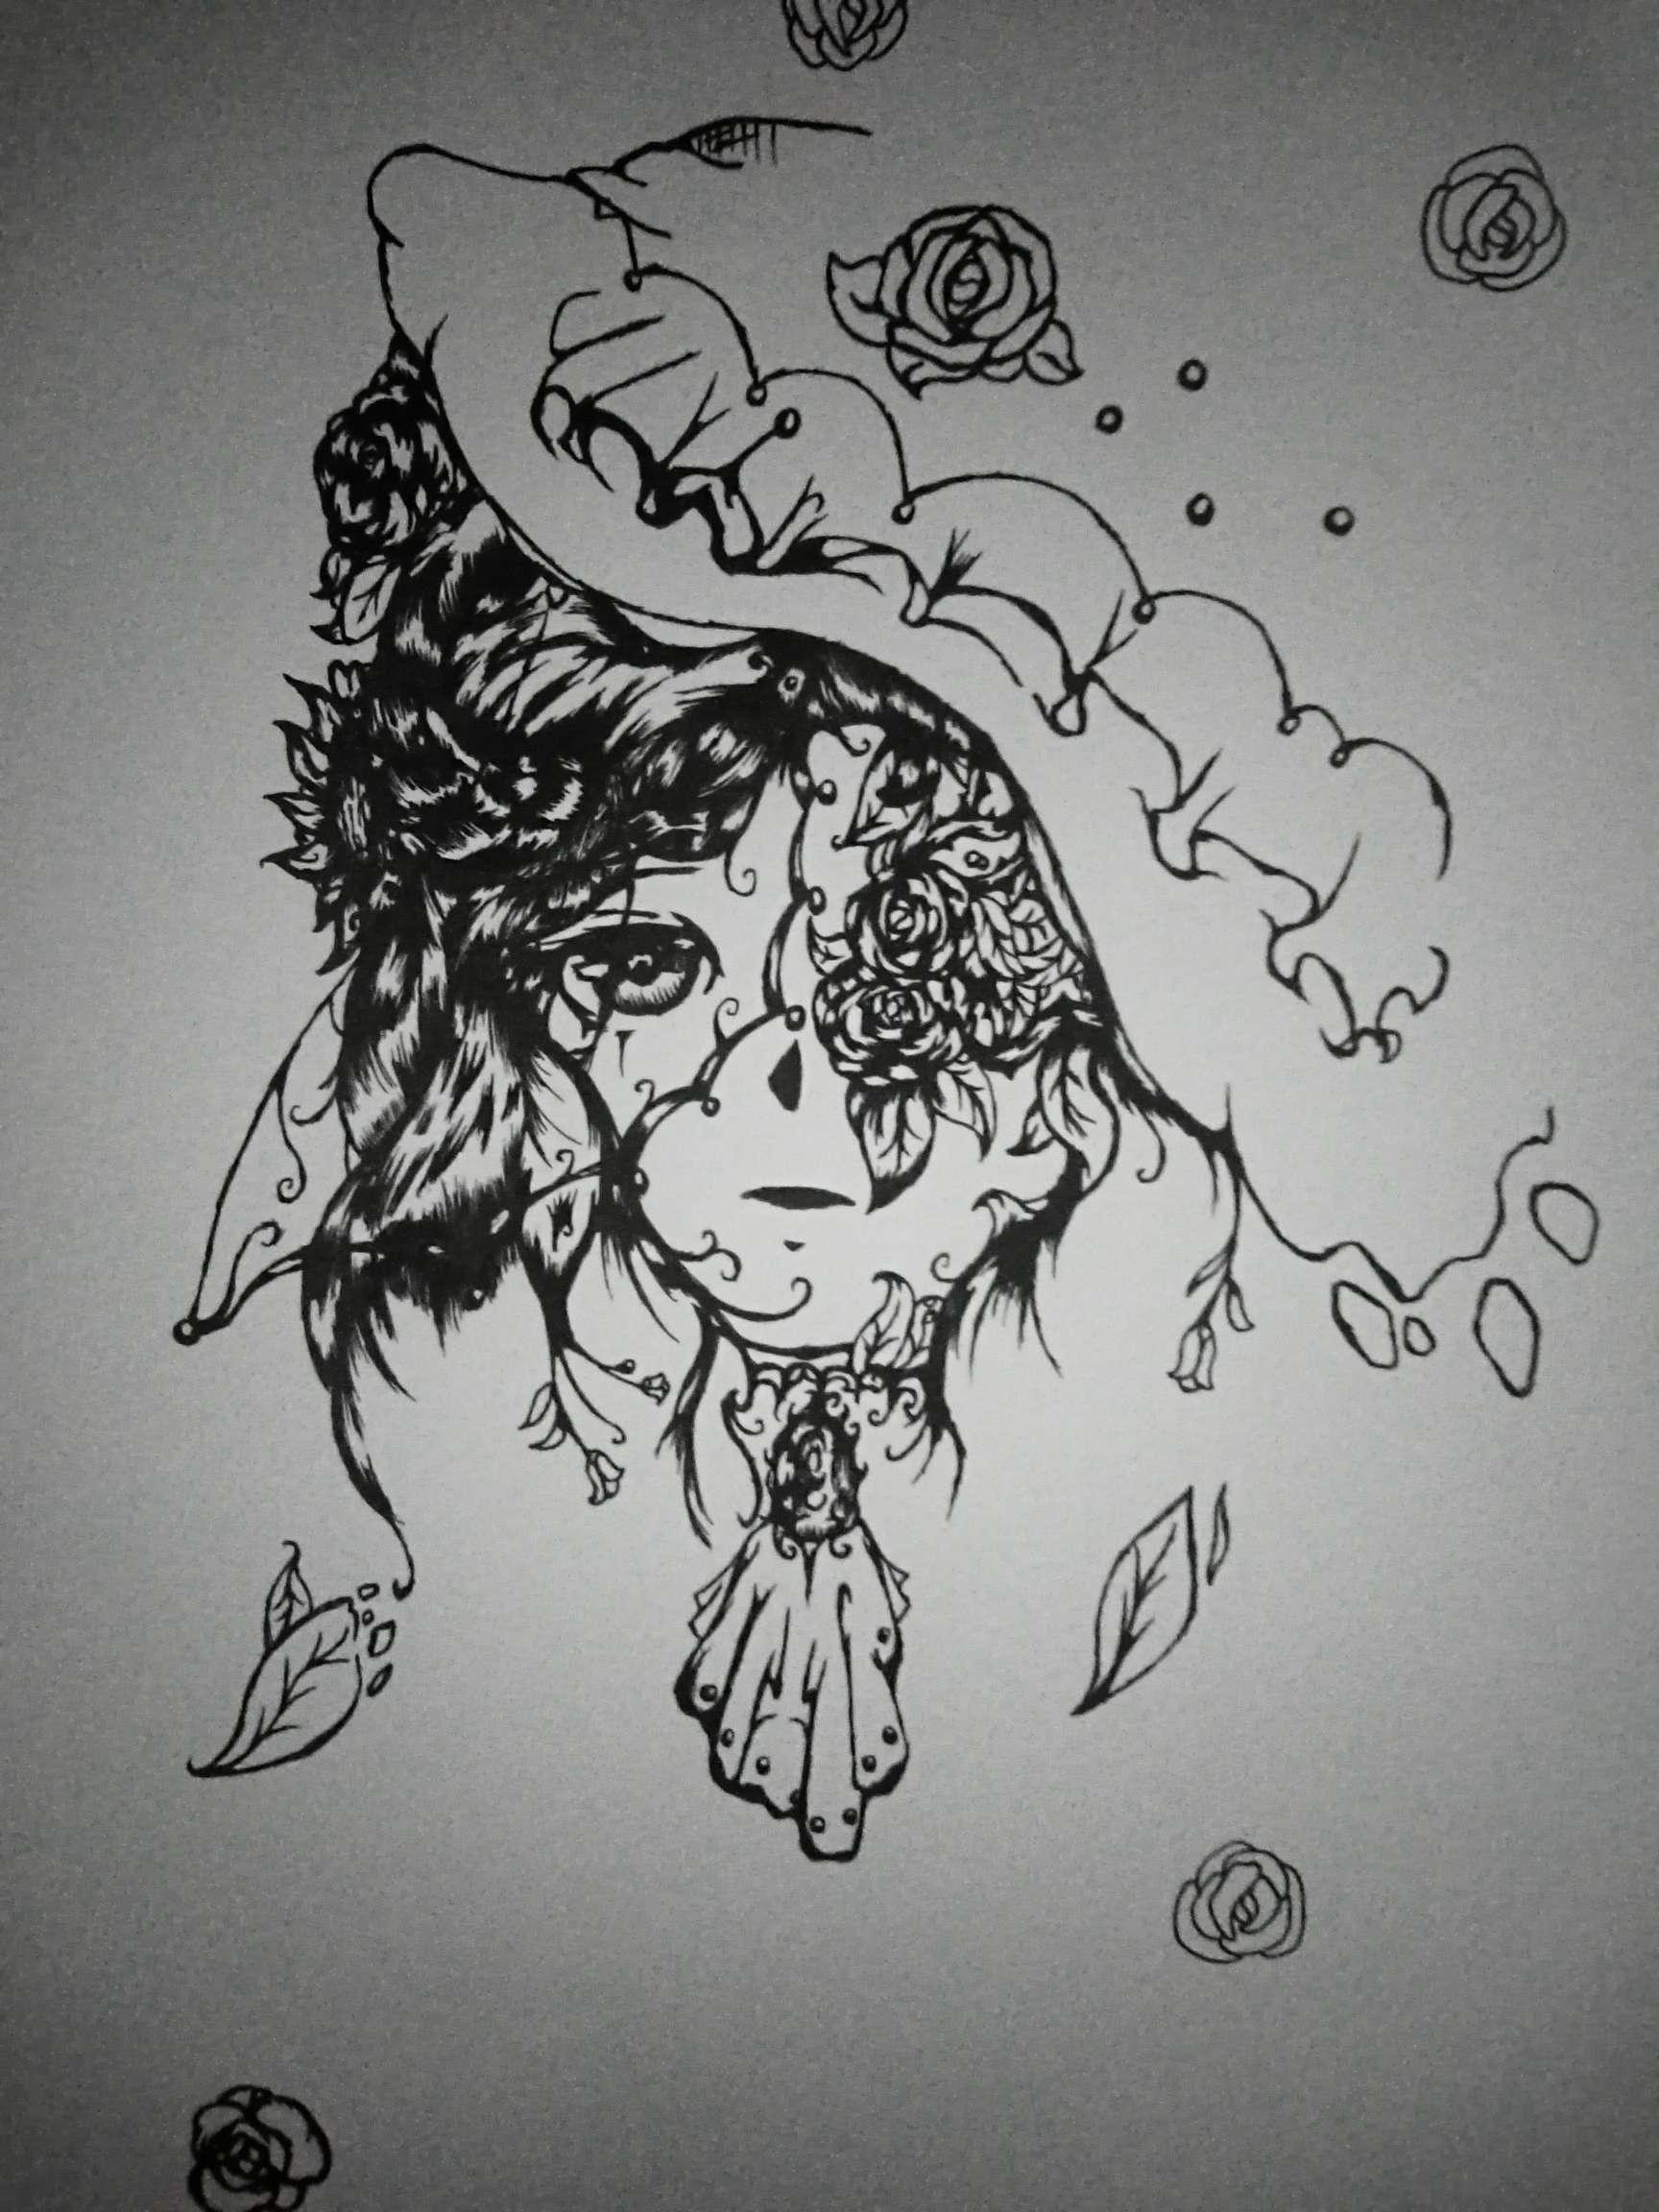 【手绘】原创手绘,小飞侠彼得潘动漫图片